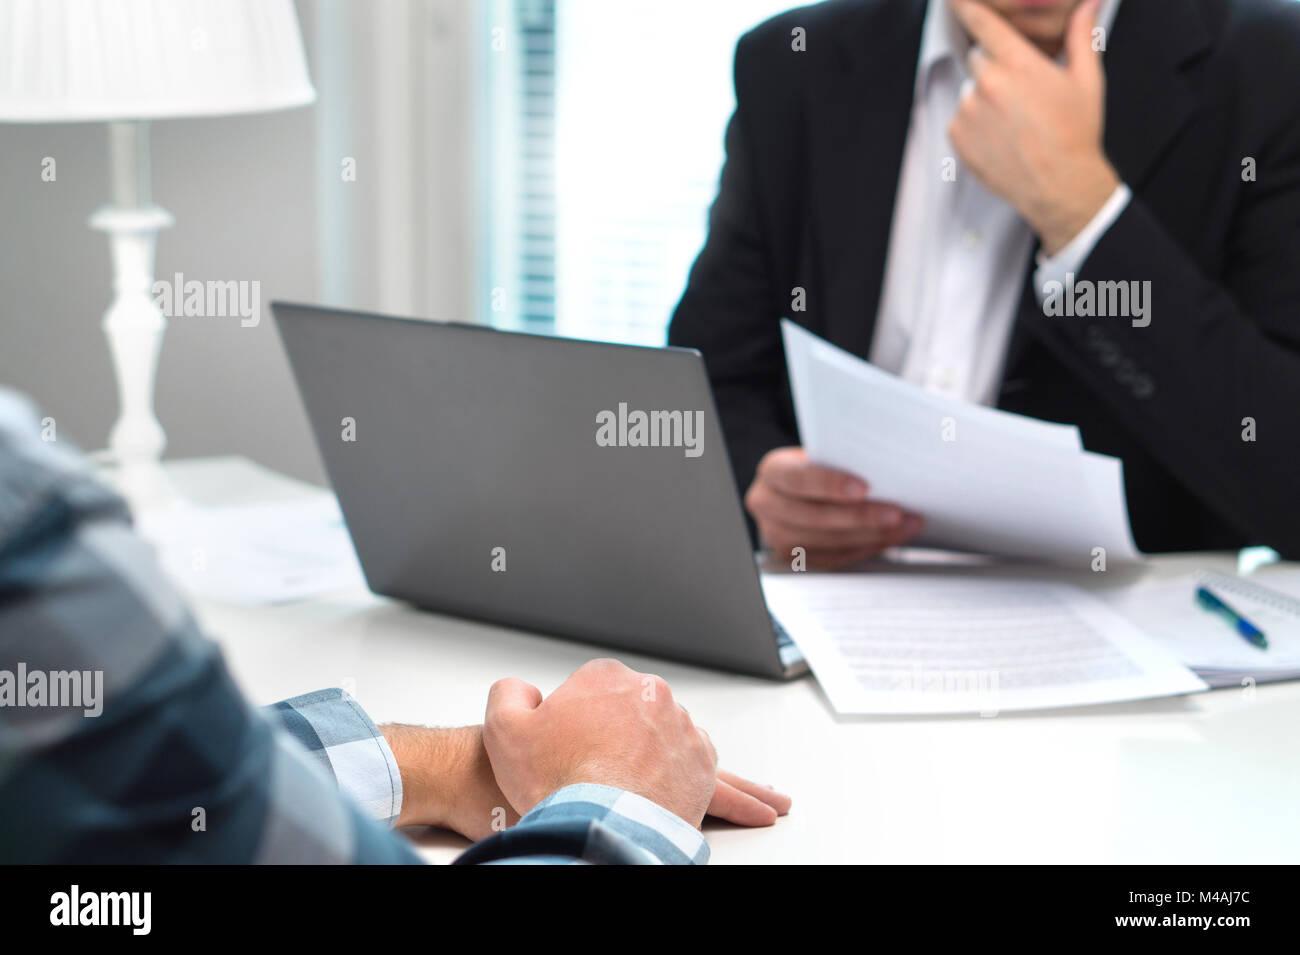 Vorstellungsgespräch oder Treffen mit Bank Mitarbeiter im Büro. Business mann bedenkt. Diskussion über Stockbild